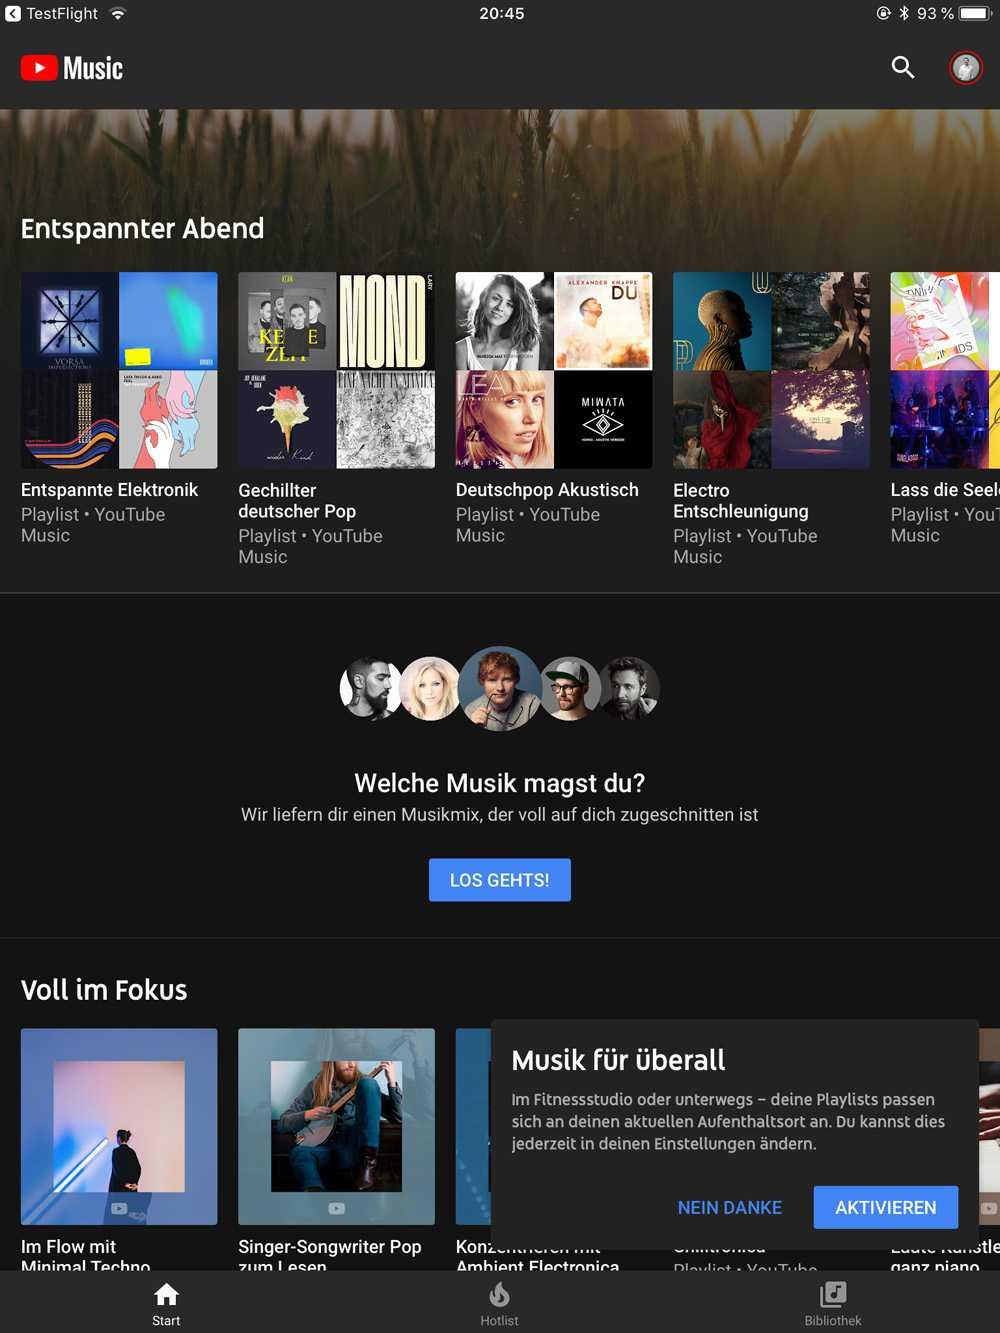 Auf Wunsch passt passt YouTube Music seine Playlisten an den Aufenthaltsort des Nutzers an. Am Flughafen gibt's dann entspannende Wartemusik.